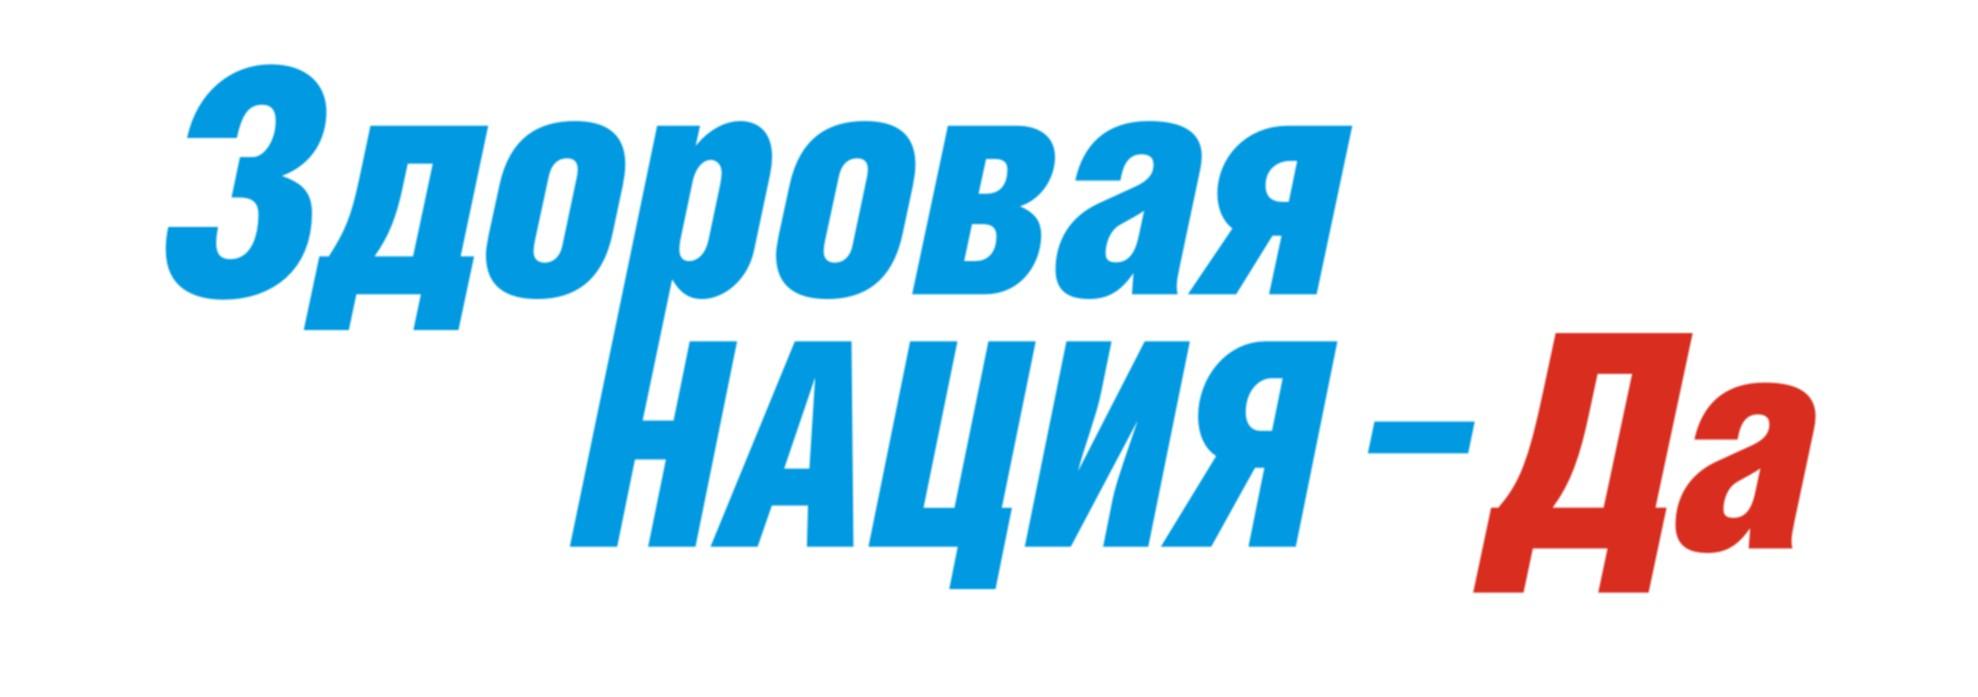 http://mygorod48.ru/upload/main/851/851ca6773805ff2f797fc9f1be557b89.jpeg